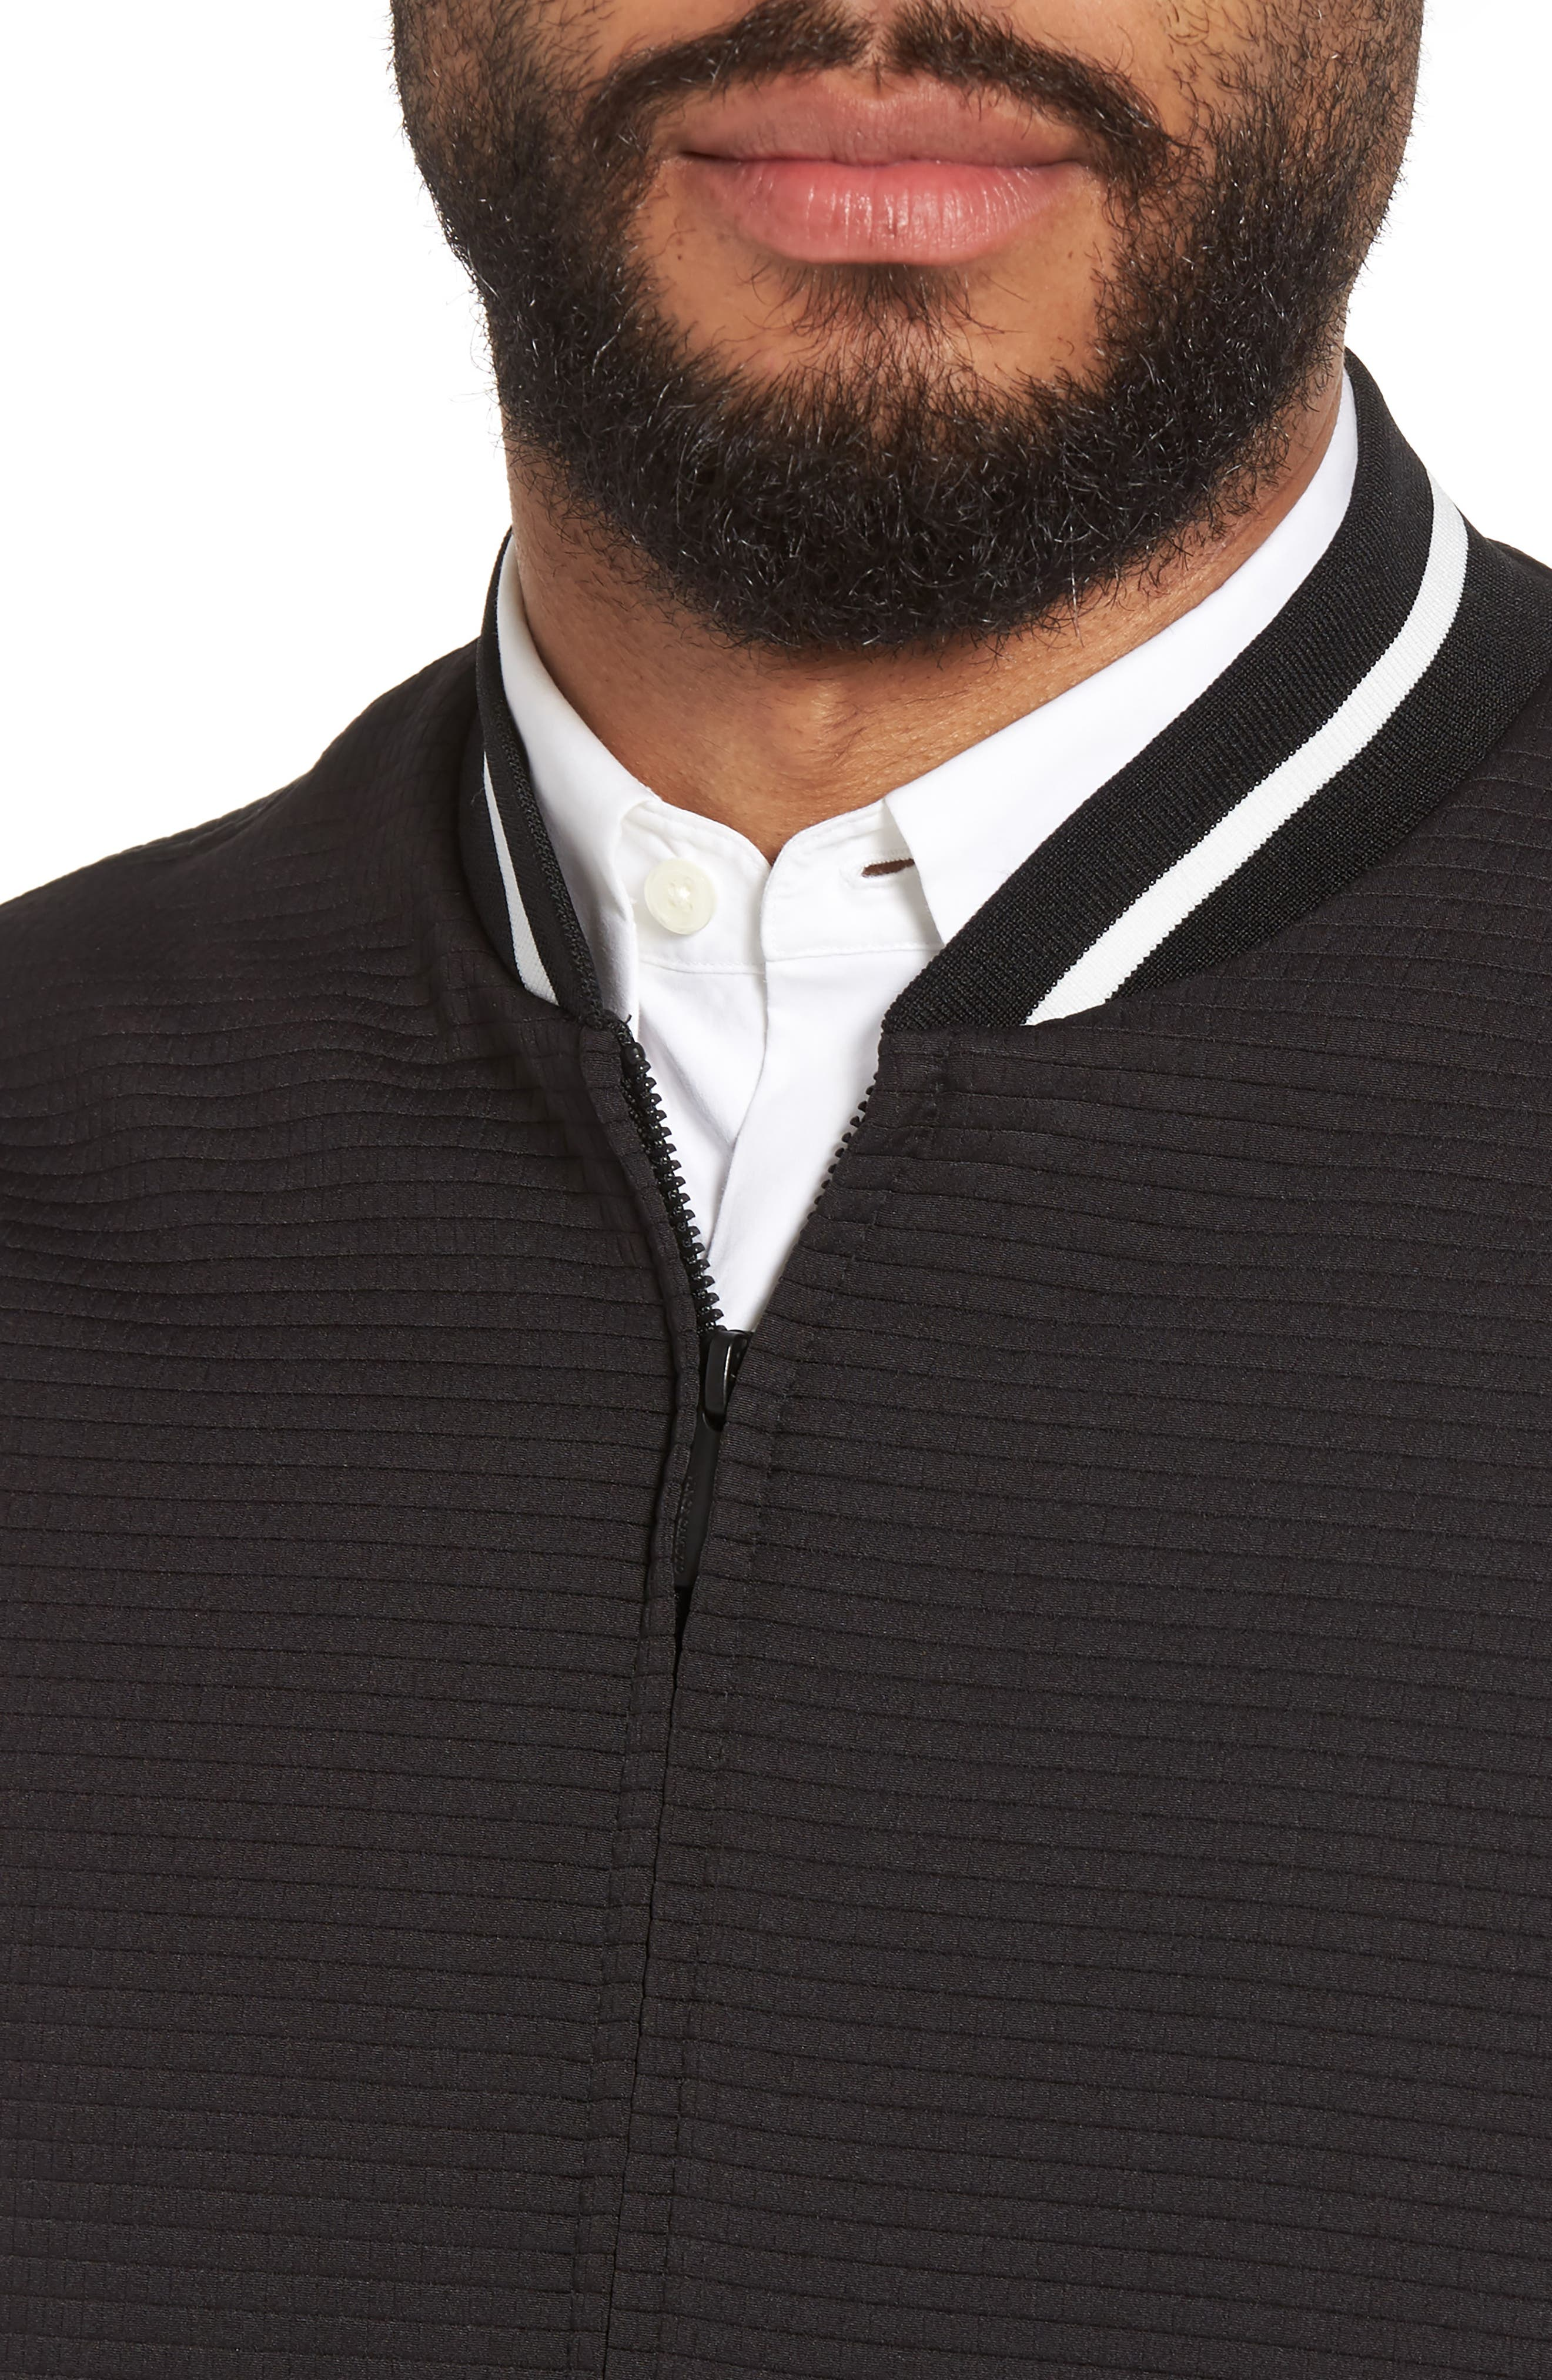 Slim Fit Bomber Jacket,                             Alternate thumbnail 4, color,                             BLACK SOLID